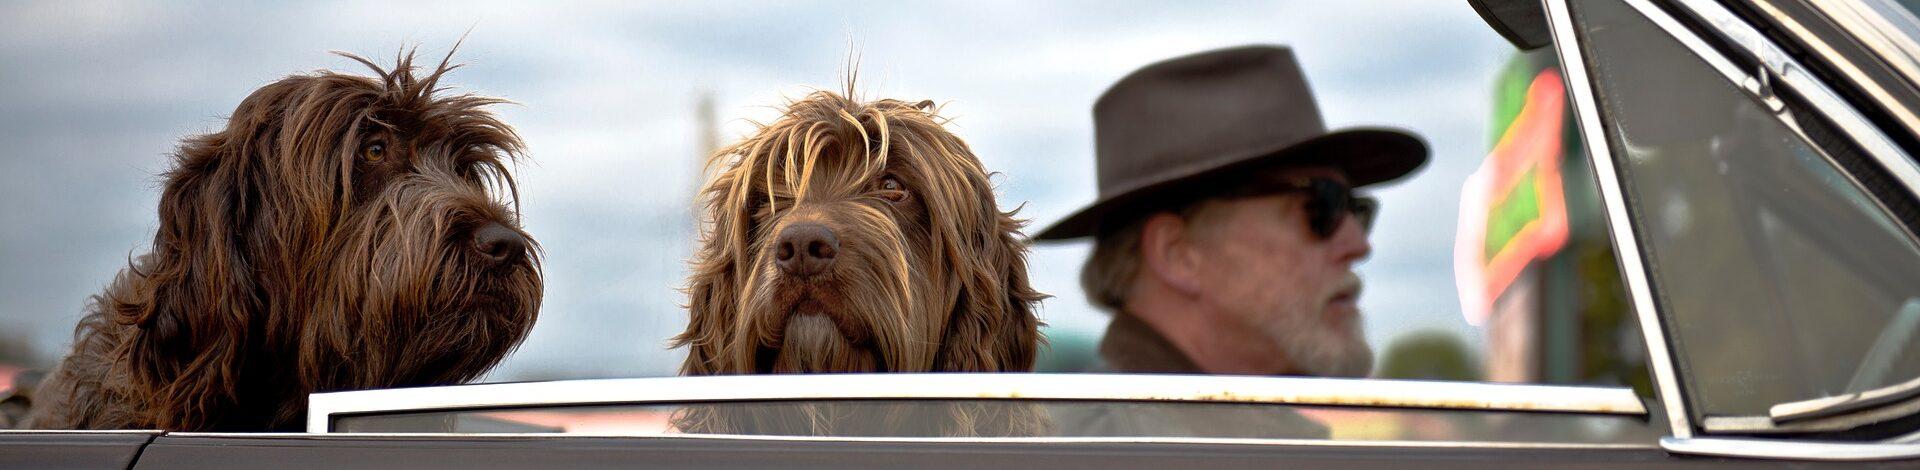 viajar-perro-coche